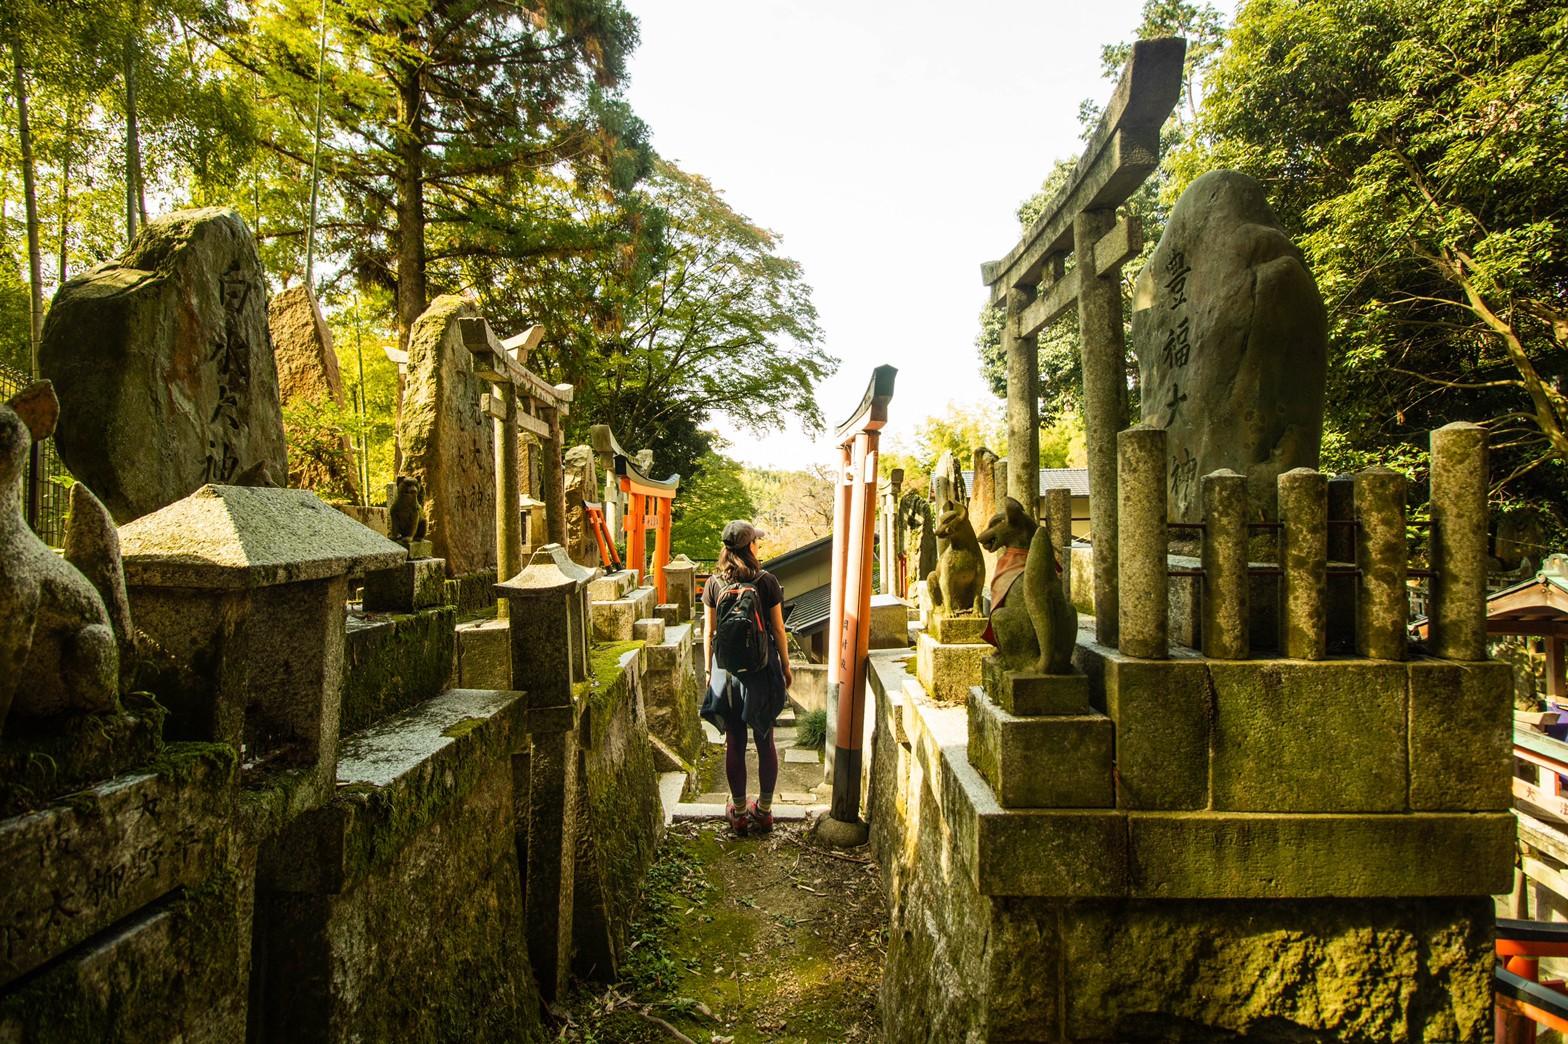 ぐるっと!京都一周トレイル®︎  ①伏見桃山〜伏見稲荷